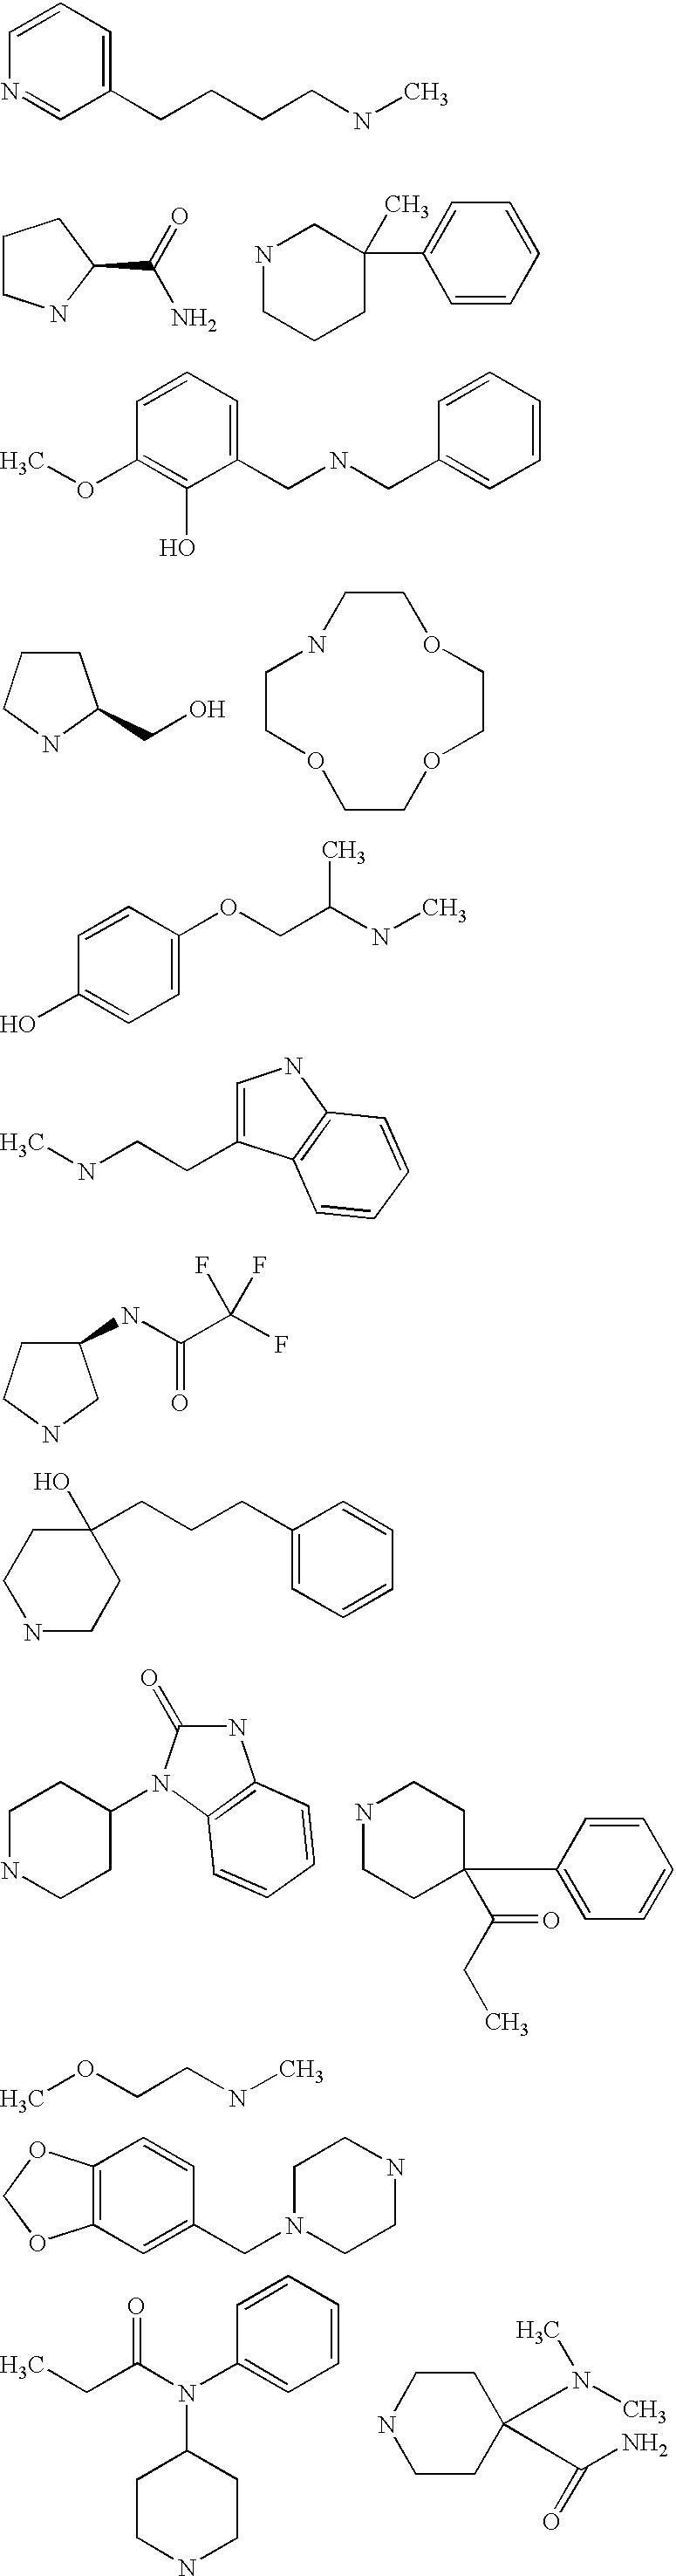 Figure US06693202-20040217-C00063